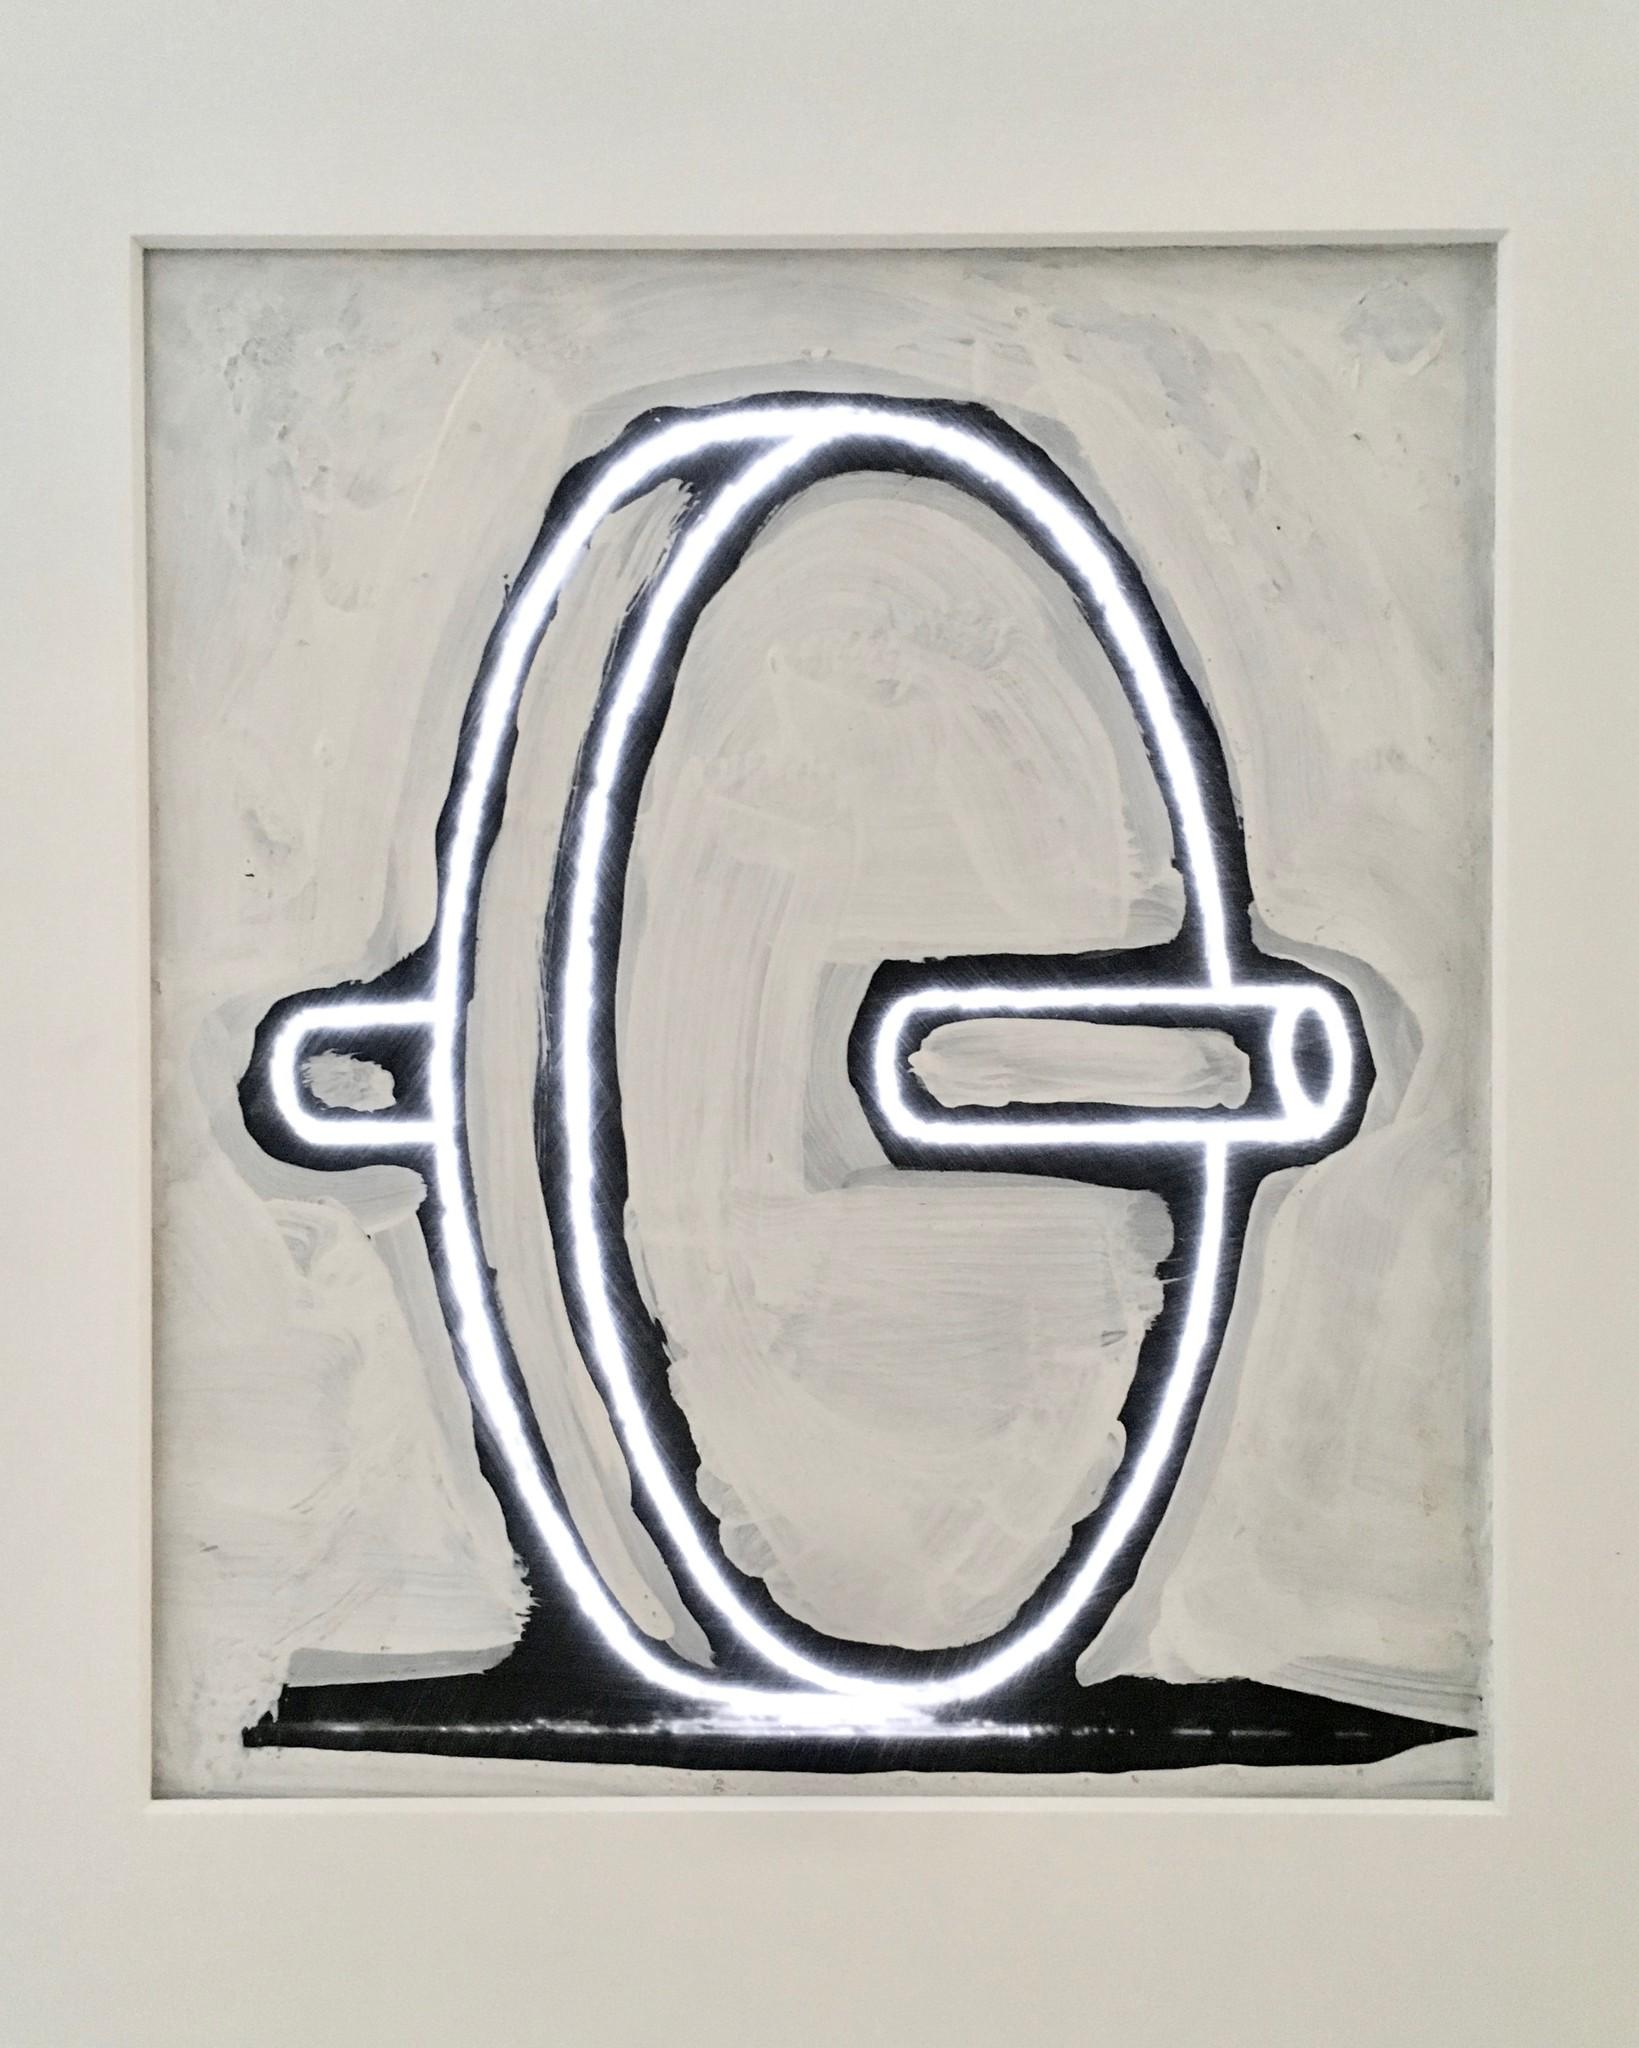 J. HENNEMAN | WIEL, 2009